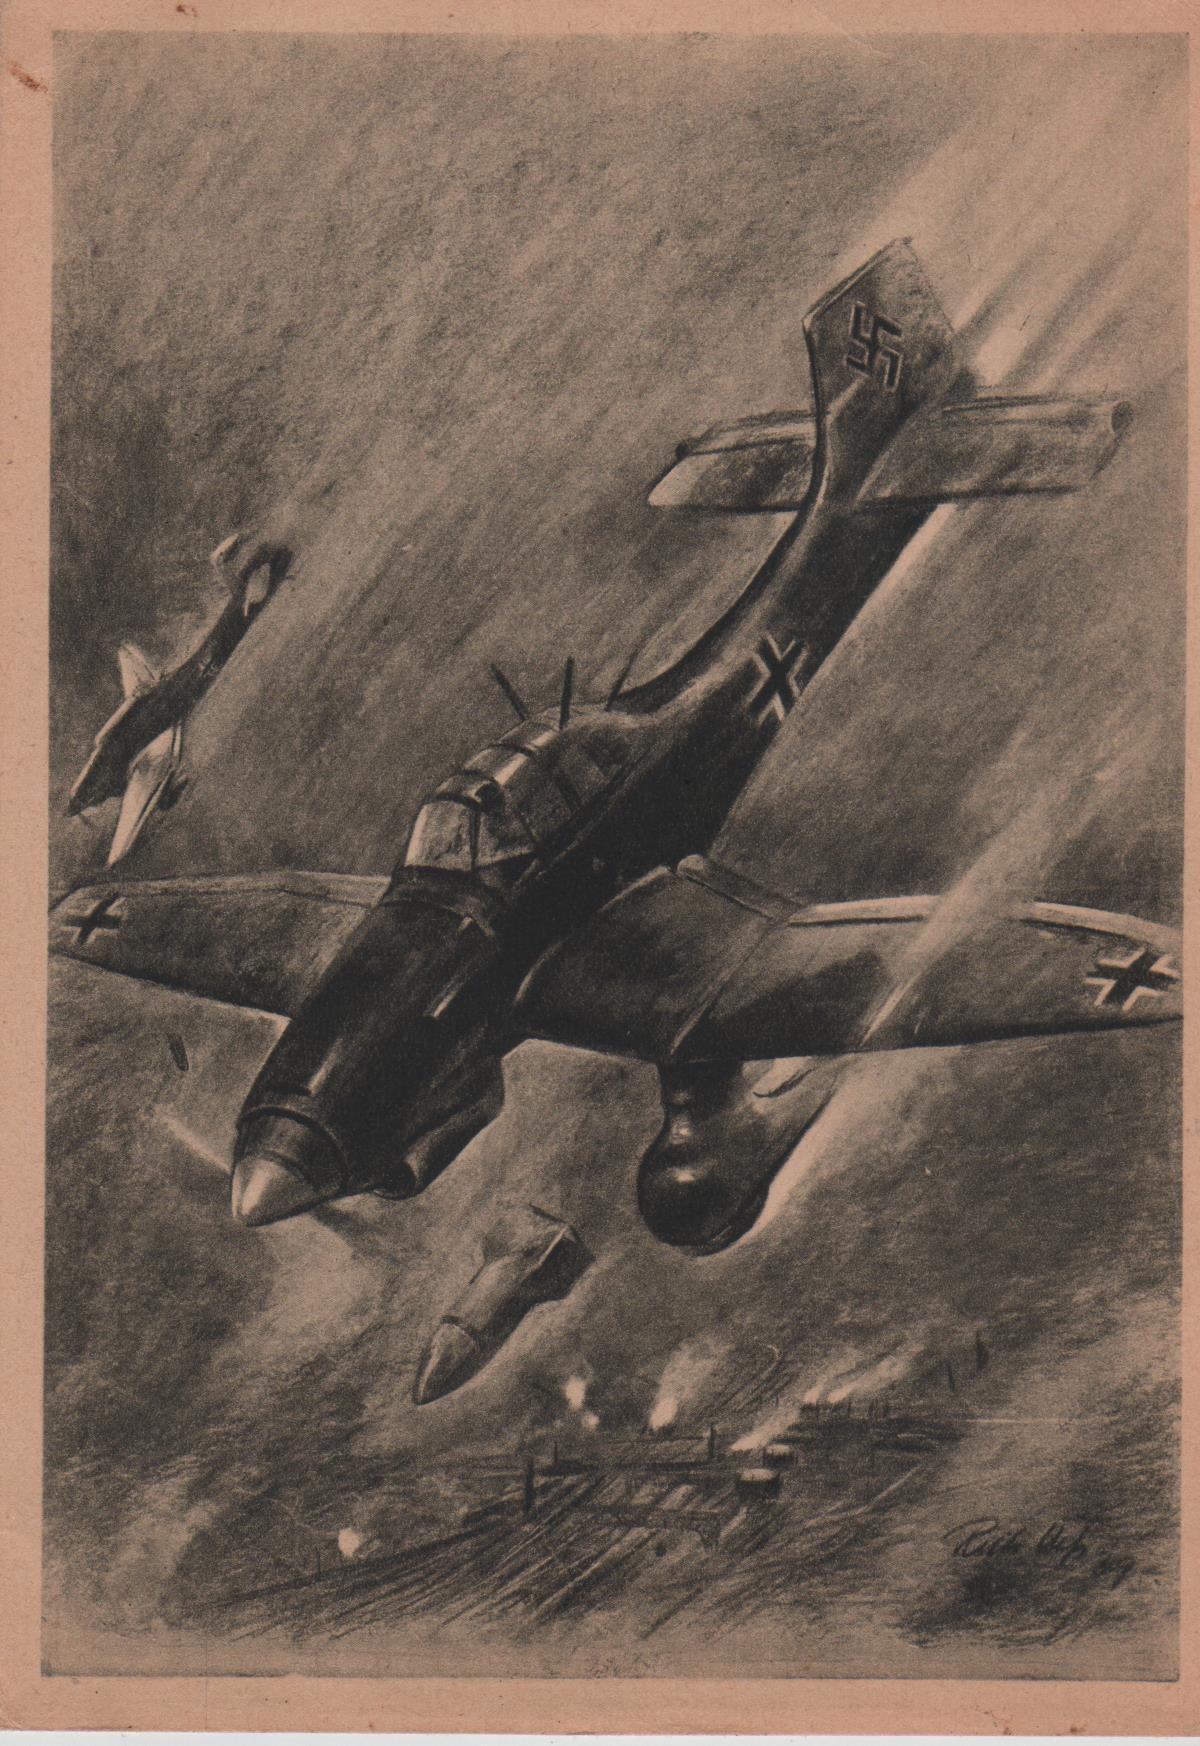 Luftwaffe - Deutsche Flugzeuge der Luftwaffe